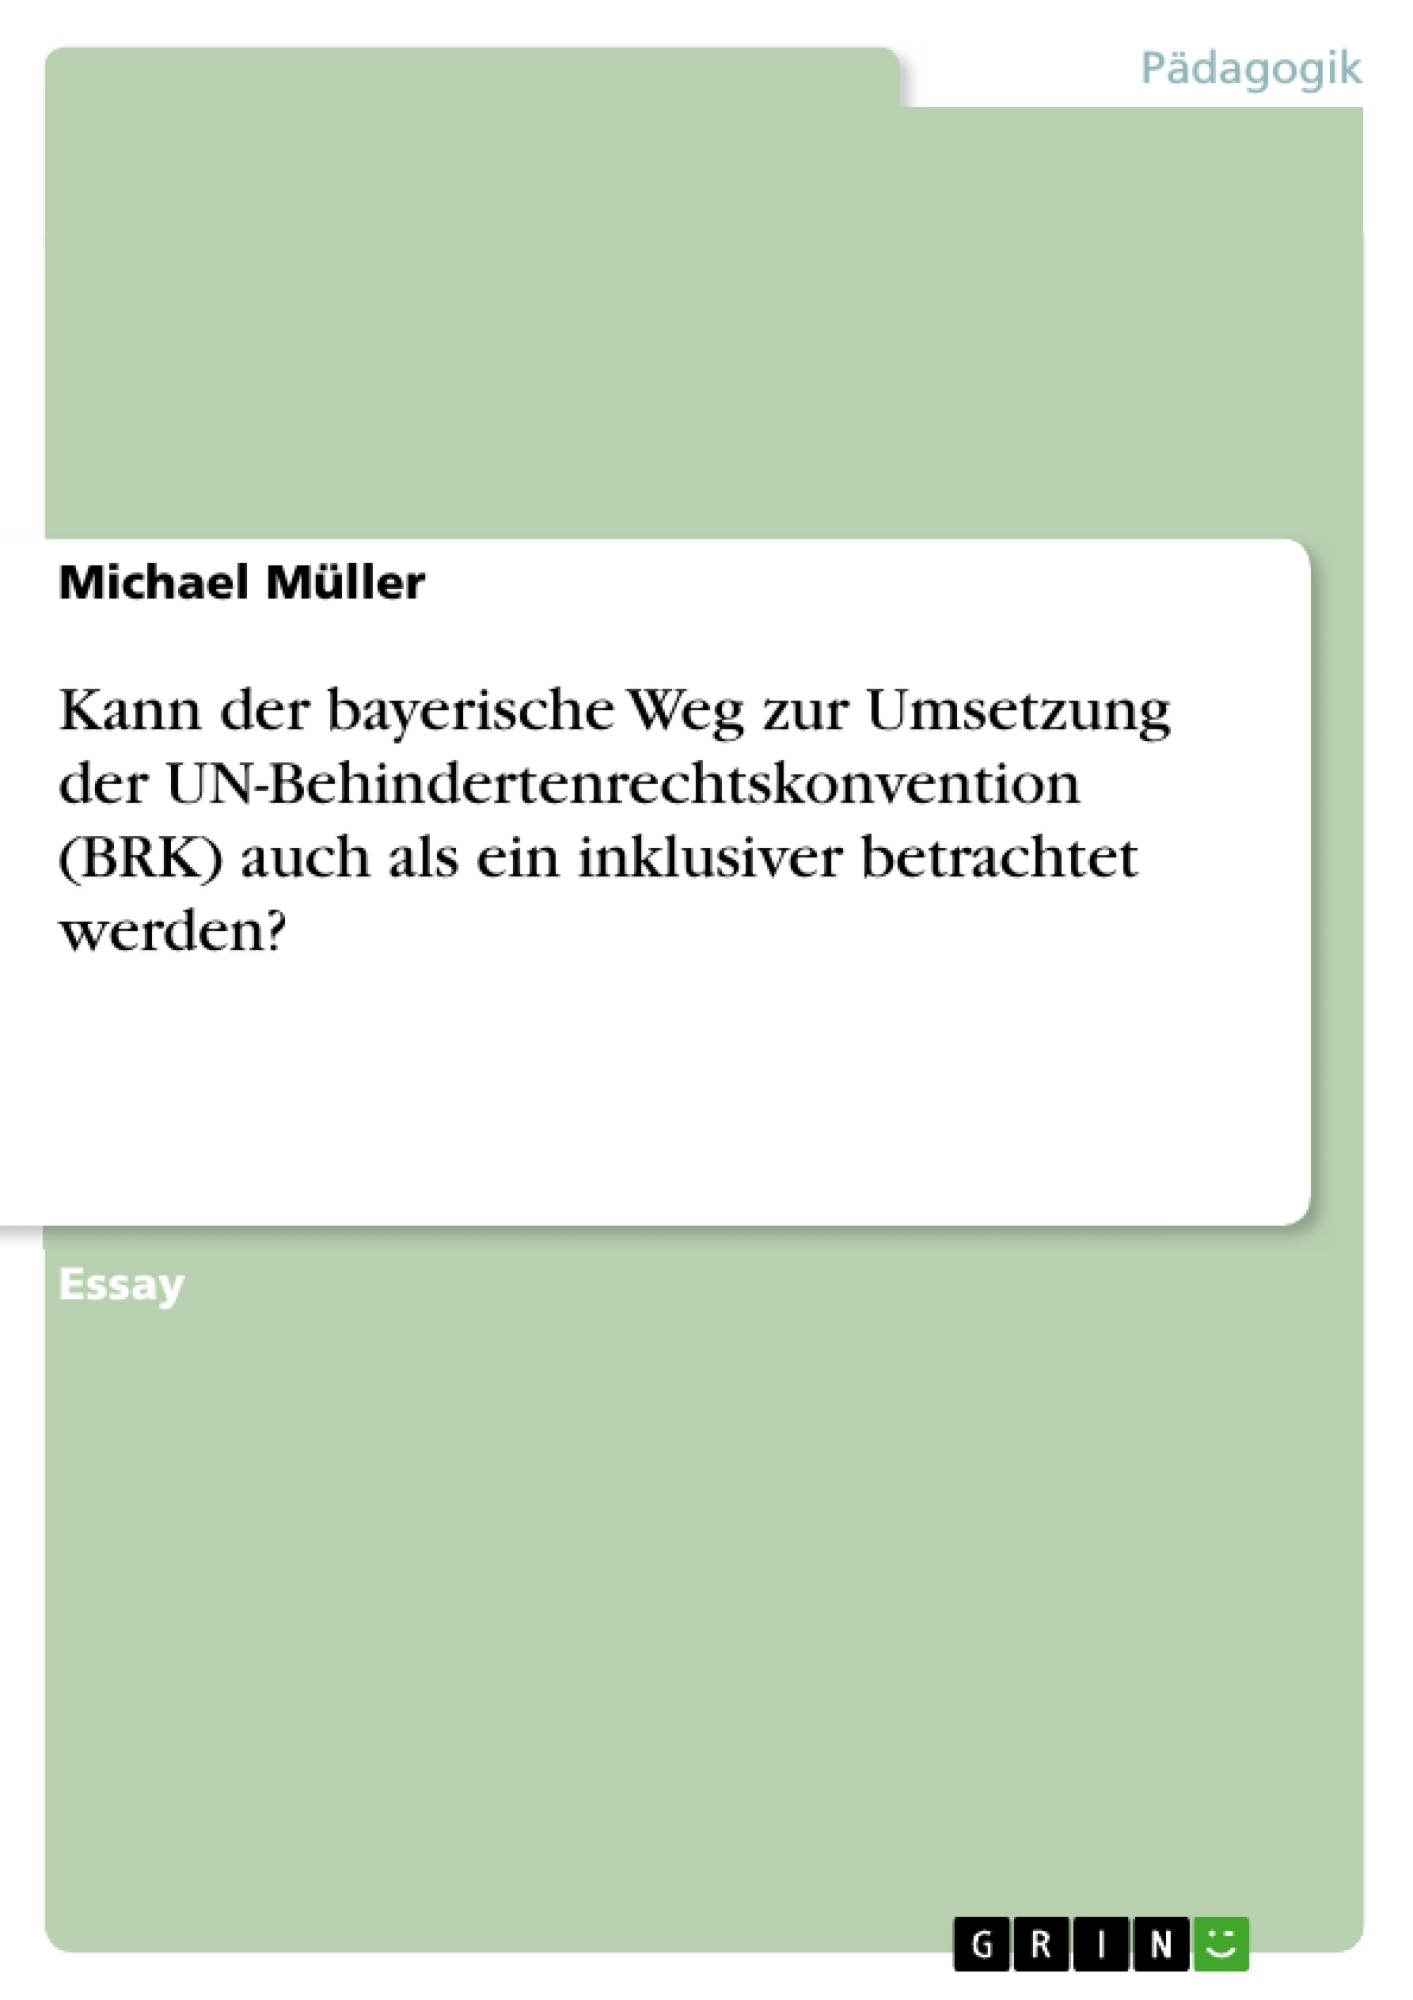 Titel: Kann der bayerische Weg zur Umsetzung der UN-Behindertenrechtskonvention (BRK) auch als ein inklusiver betrachtet werden?